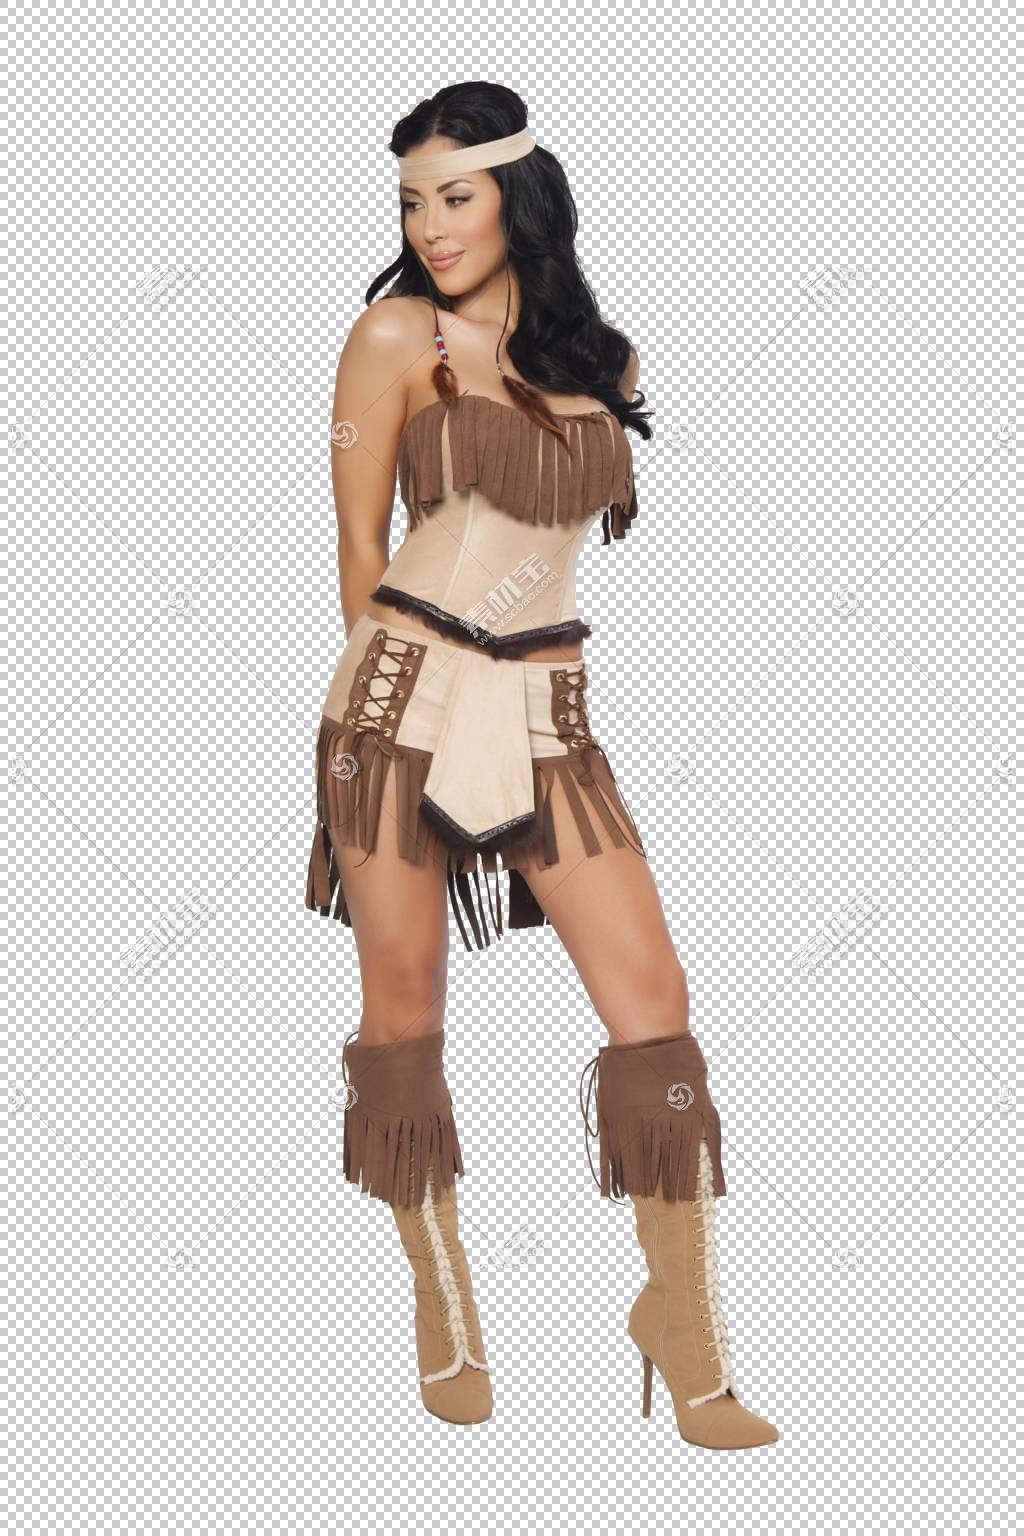 服装派对服装万圣节服装角色扮演,性感女孩PNG剪贴画艺术,squaw,